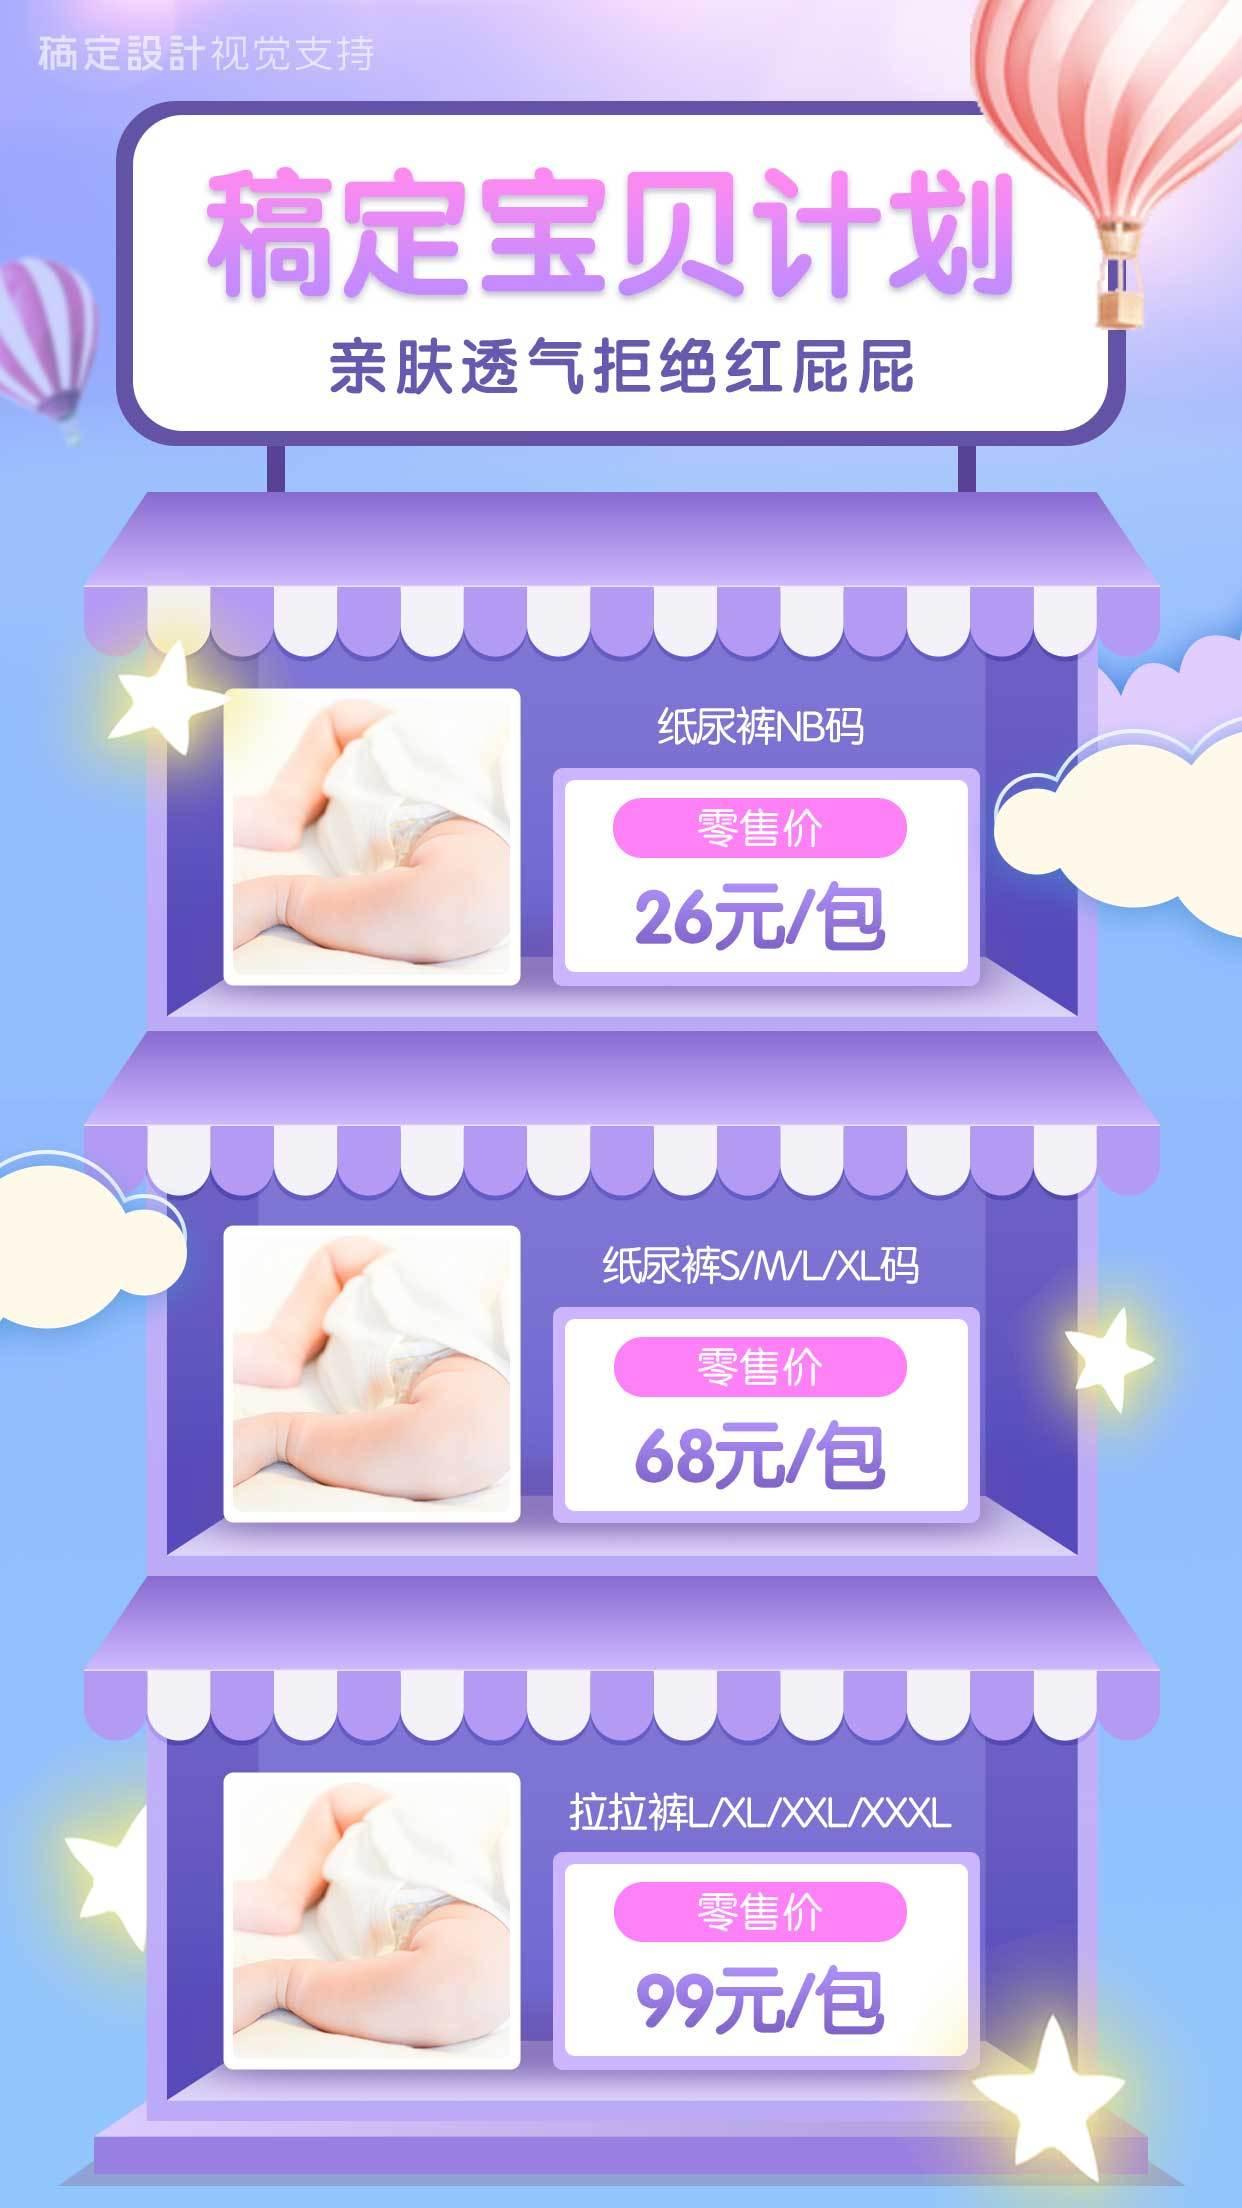 婴儿产品价格展示